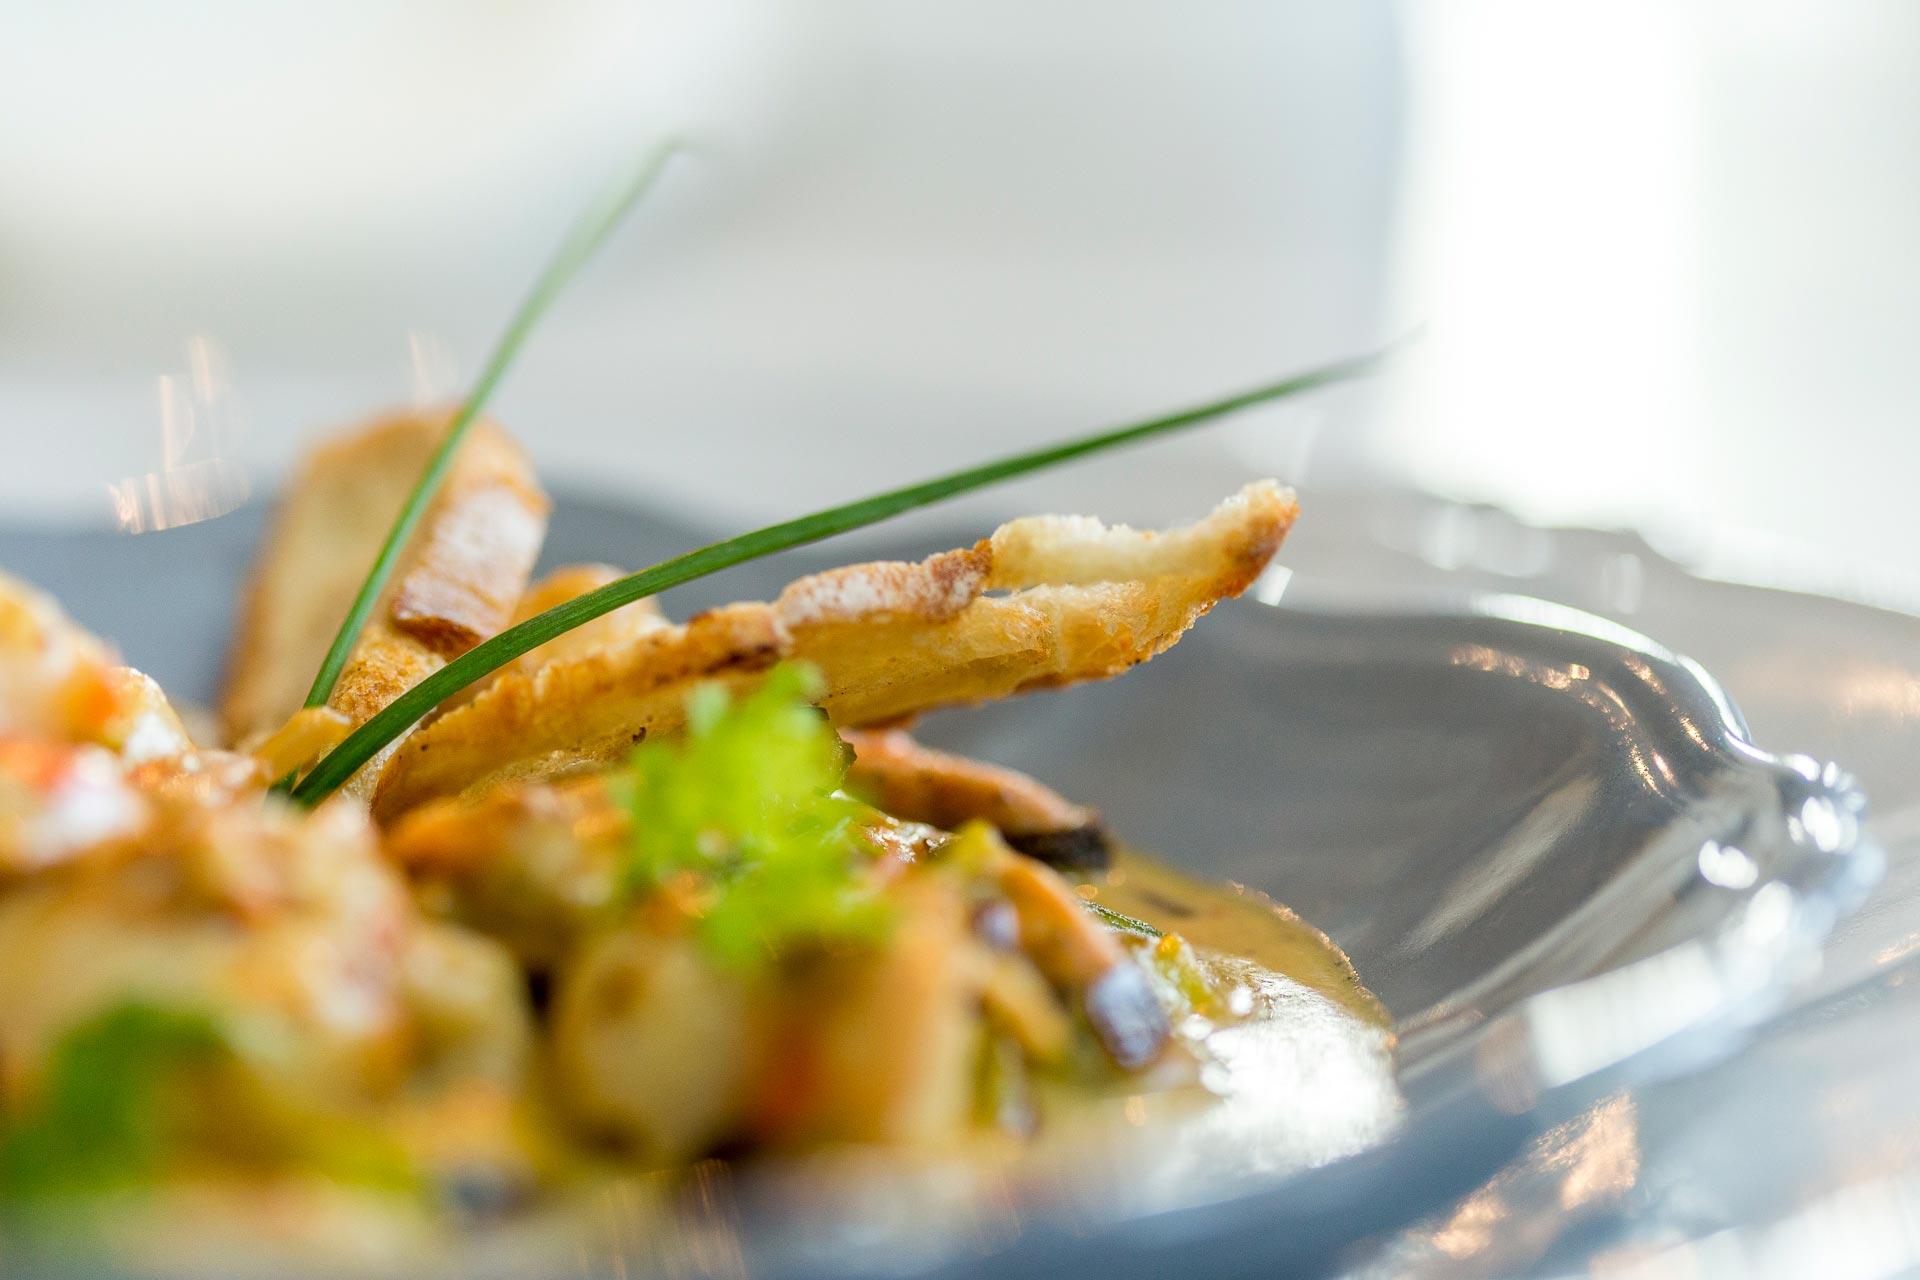 Spécialités culinaires normandes du Domaine d'Ablon